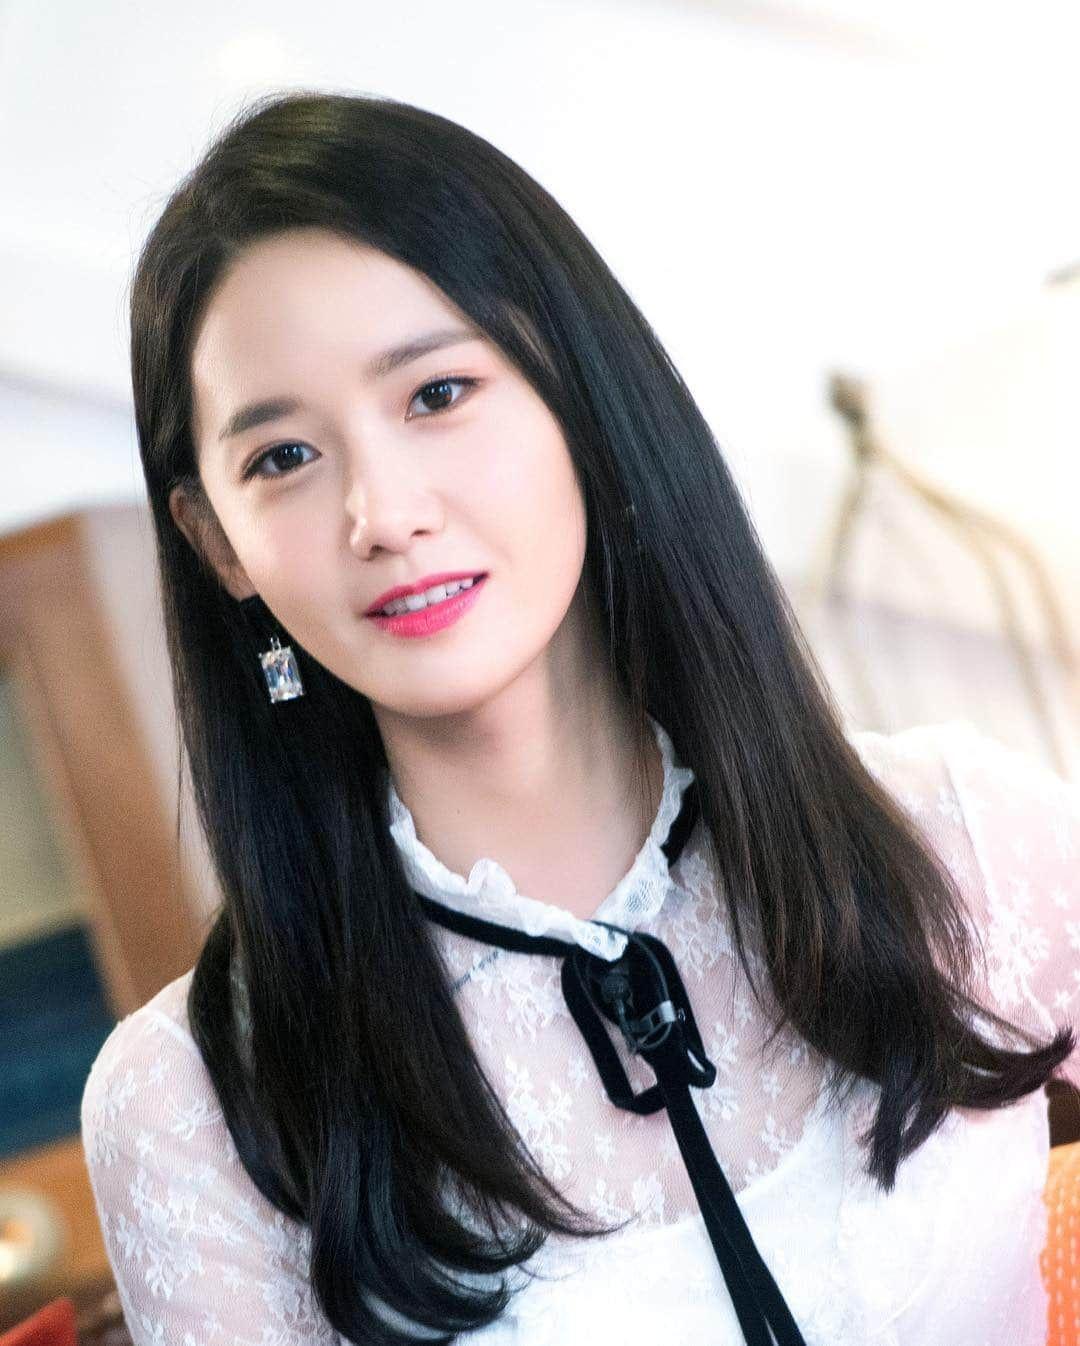 Berperilaku Manis 10 Idol Kpop Ini Paling Baik Hati Kepada Fans Idol Baik Hati Fans